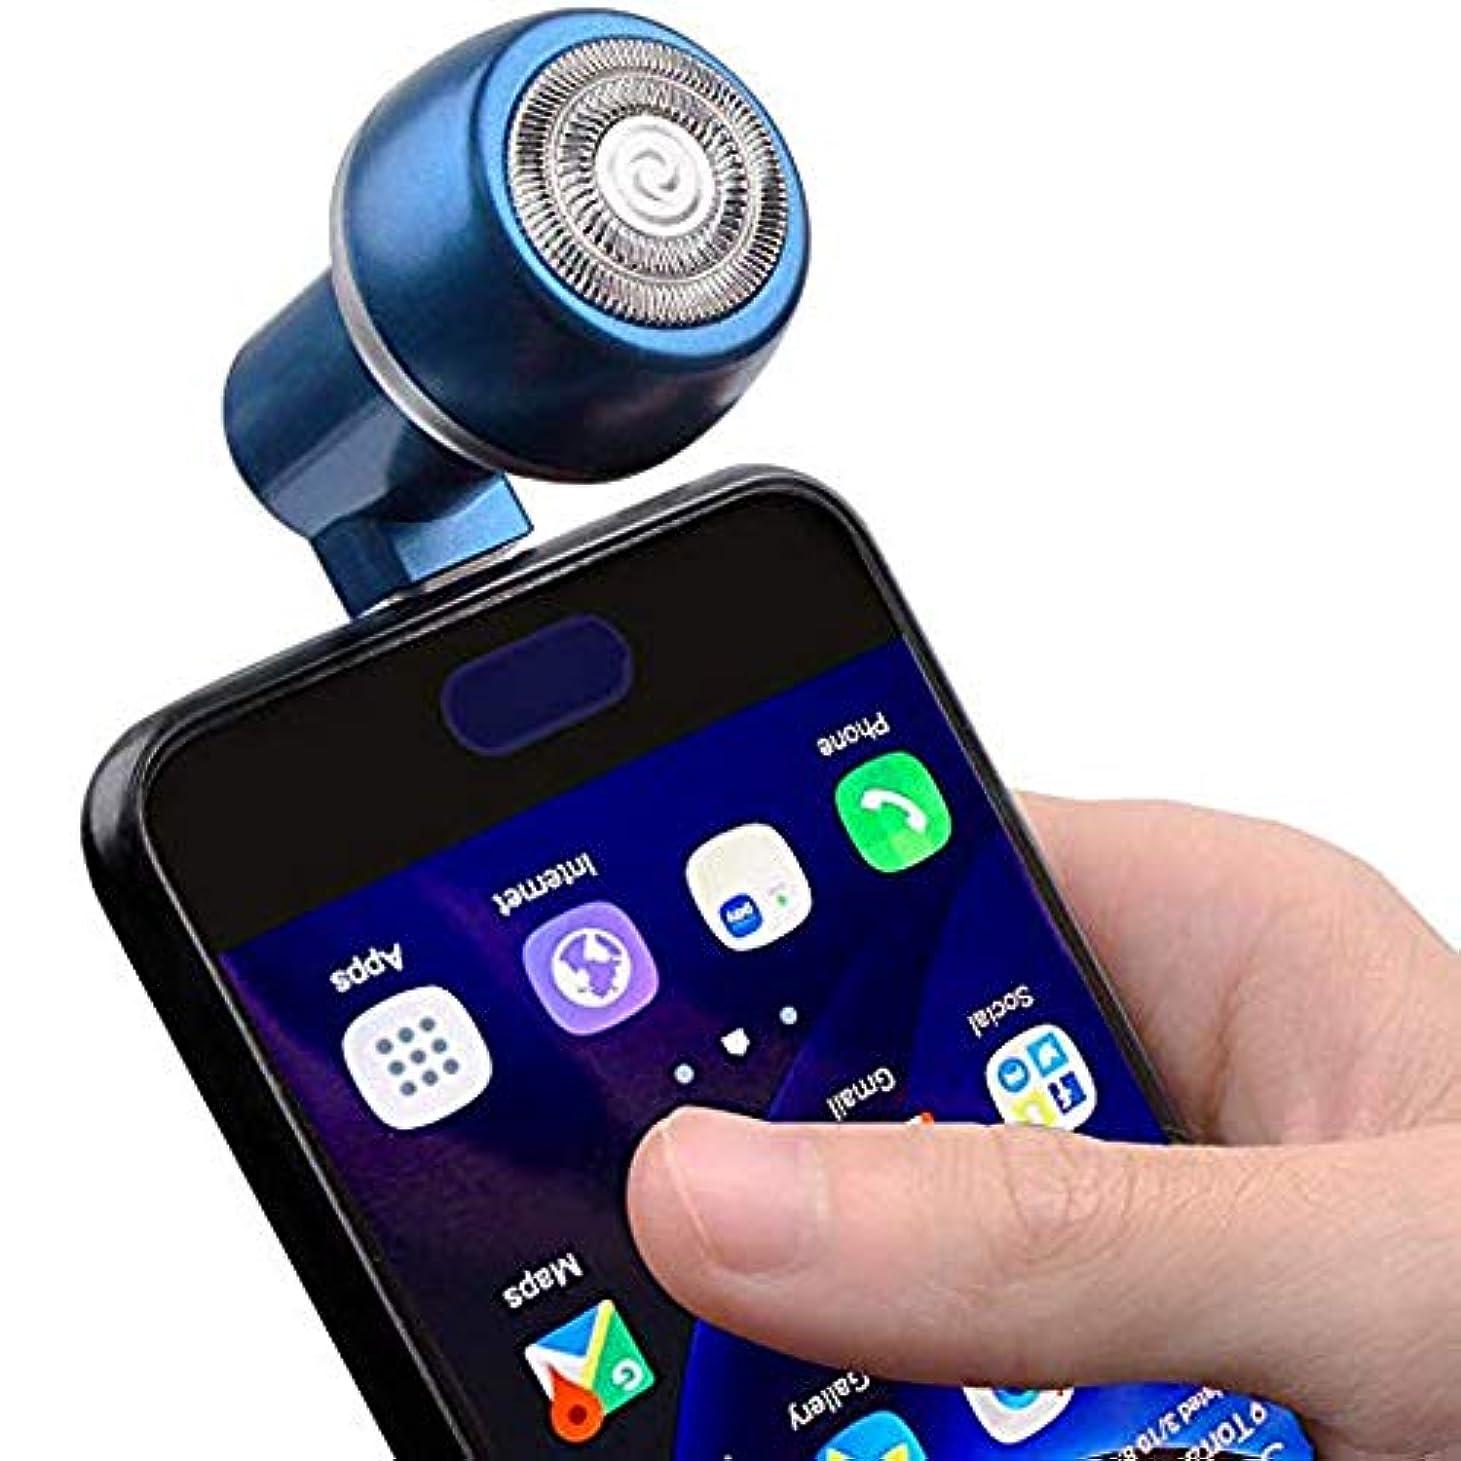 磁気キリスト教ハイジャックiCaree 旅行電話シェーバー男性用ミニUSBスマートフォントリマー用Android携帯電話屋外ポータブルマイクロUSB電気シェーバー